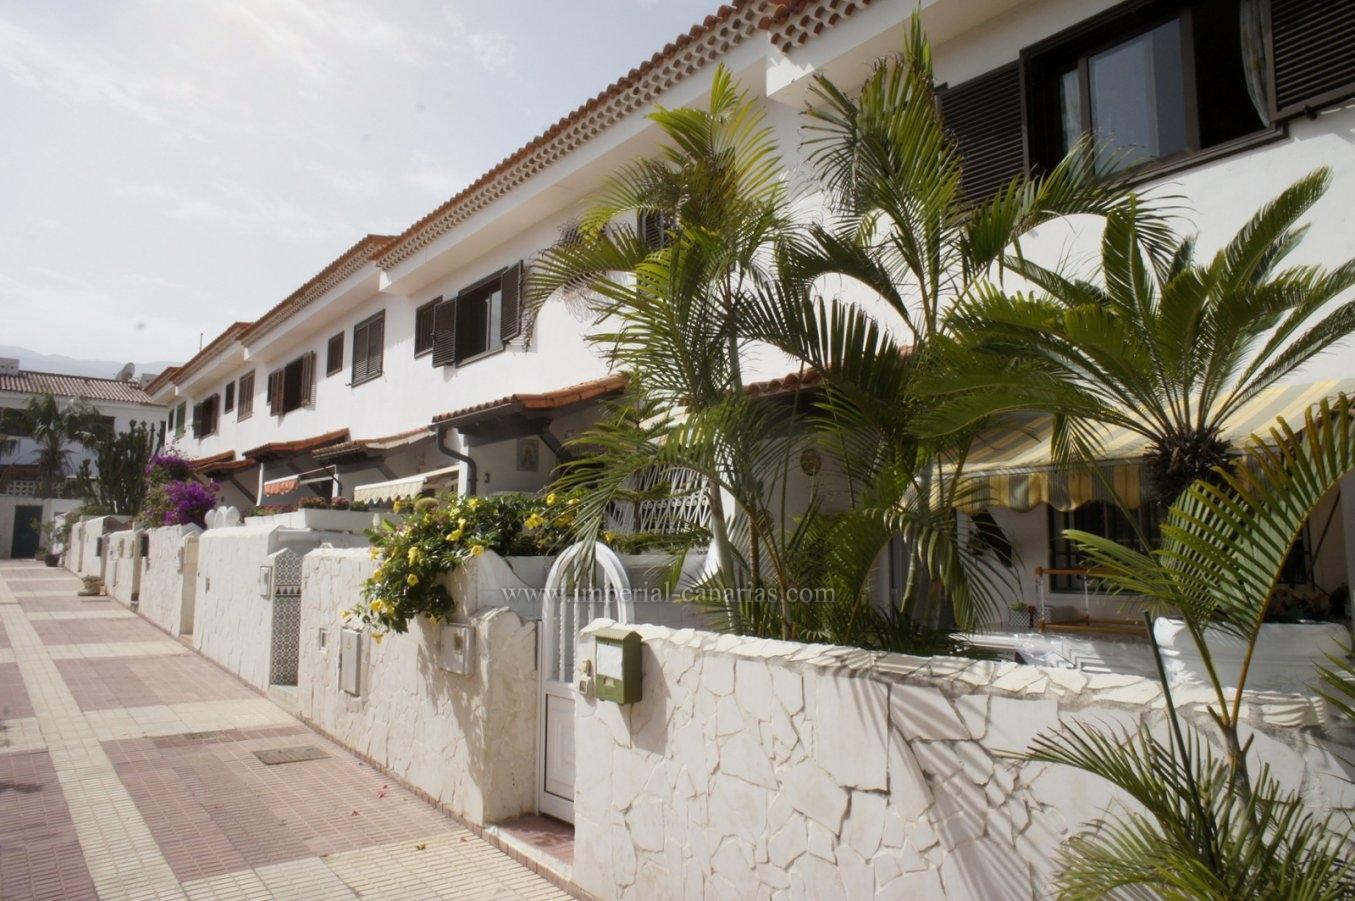 Espléndido adosado en la mejor zona de Puerto de la Cruz con garaje y terraza privada!